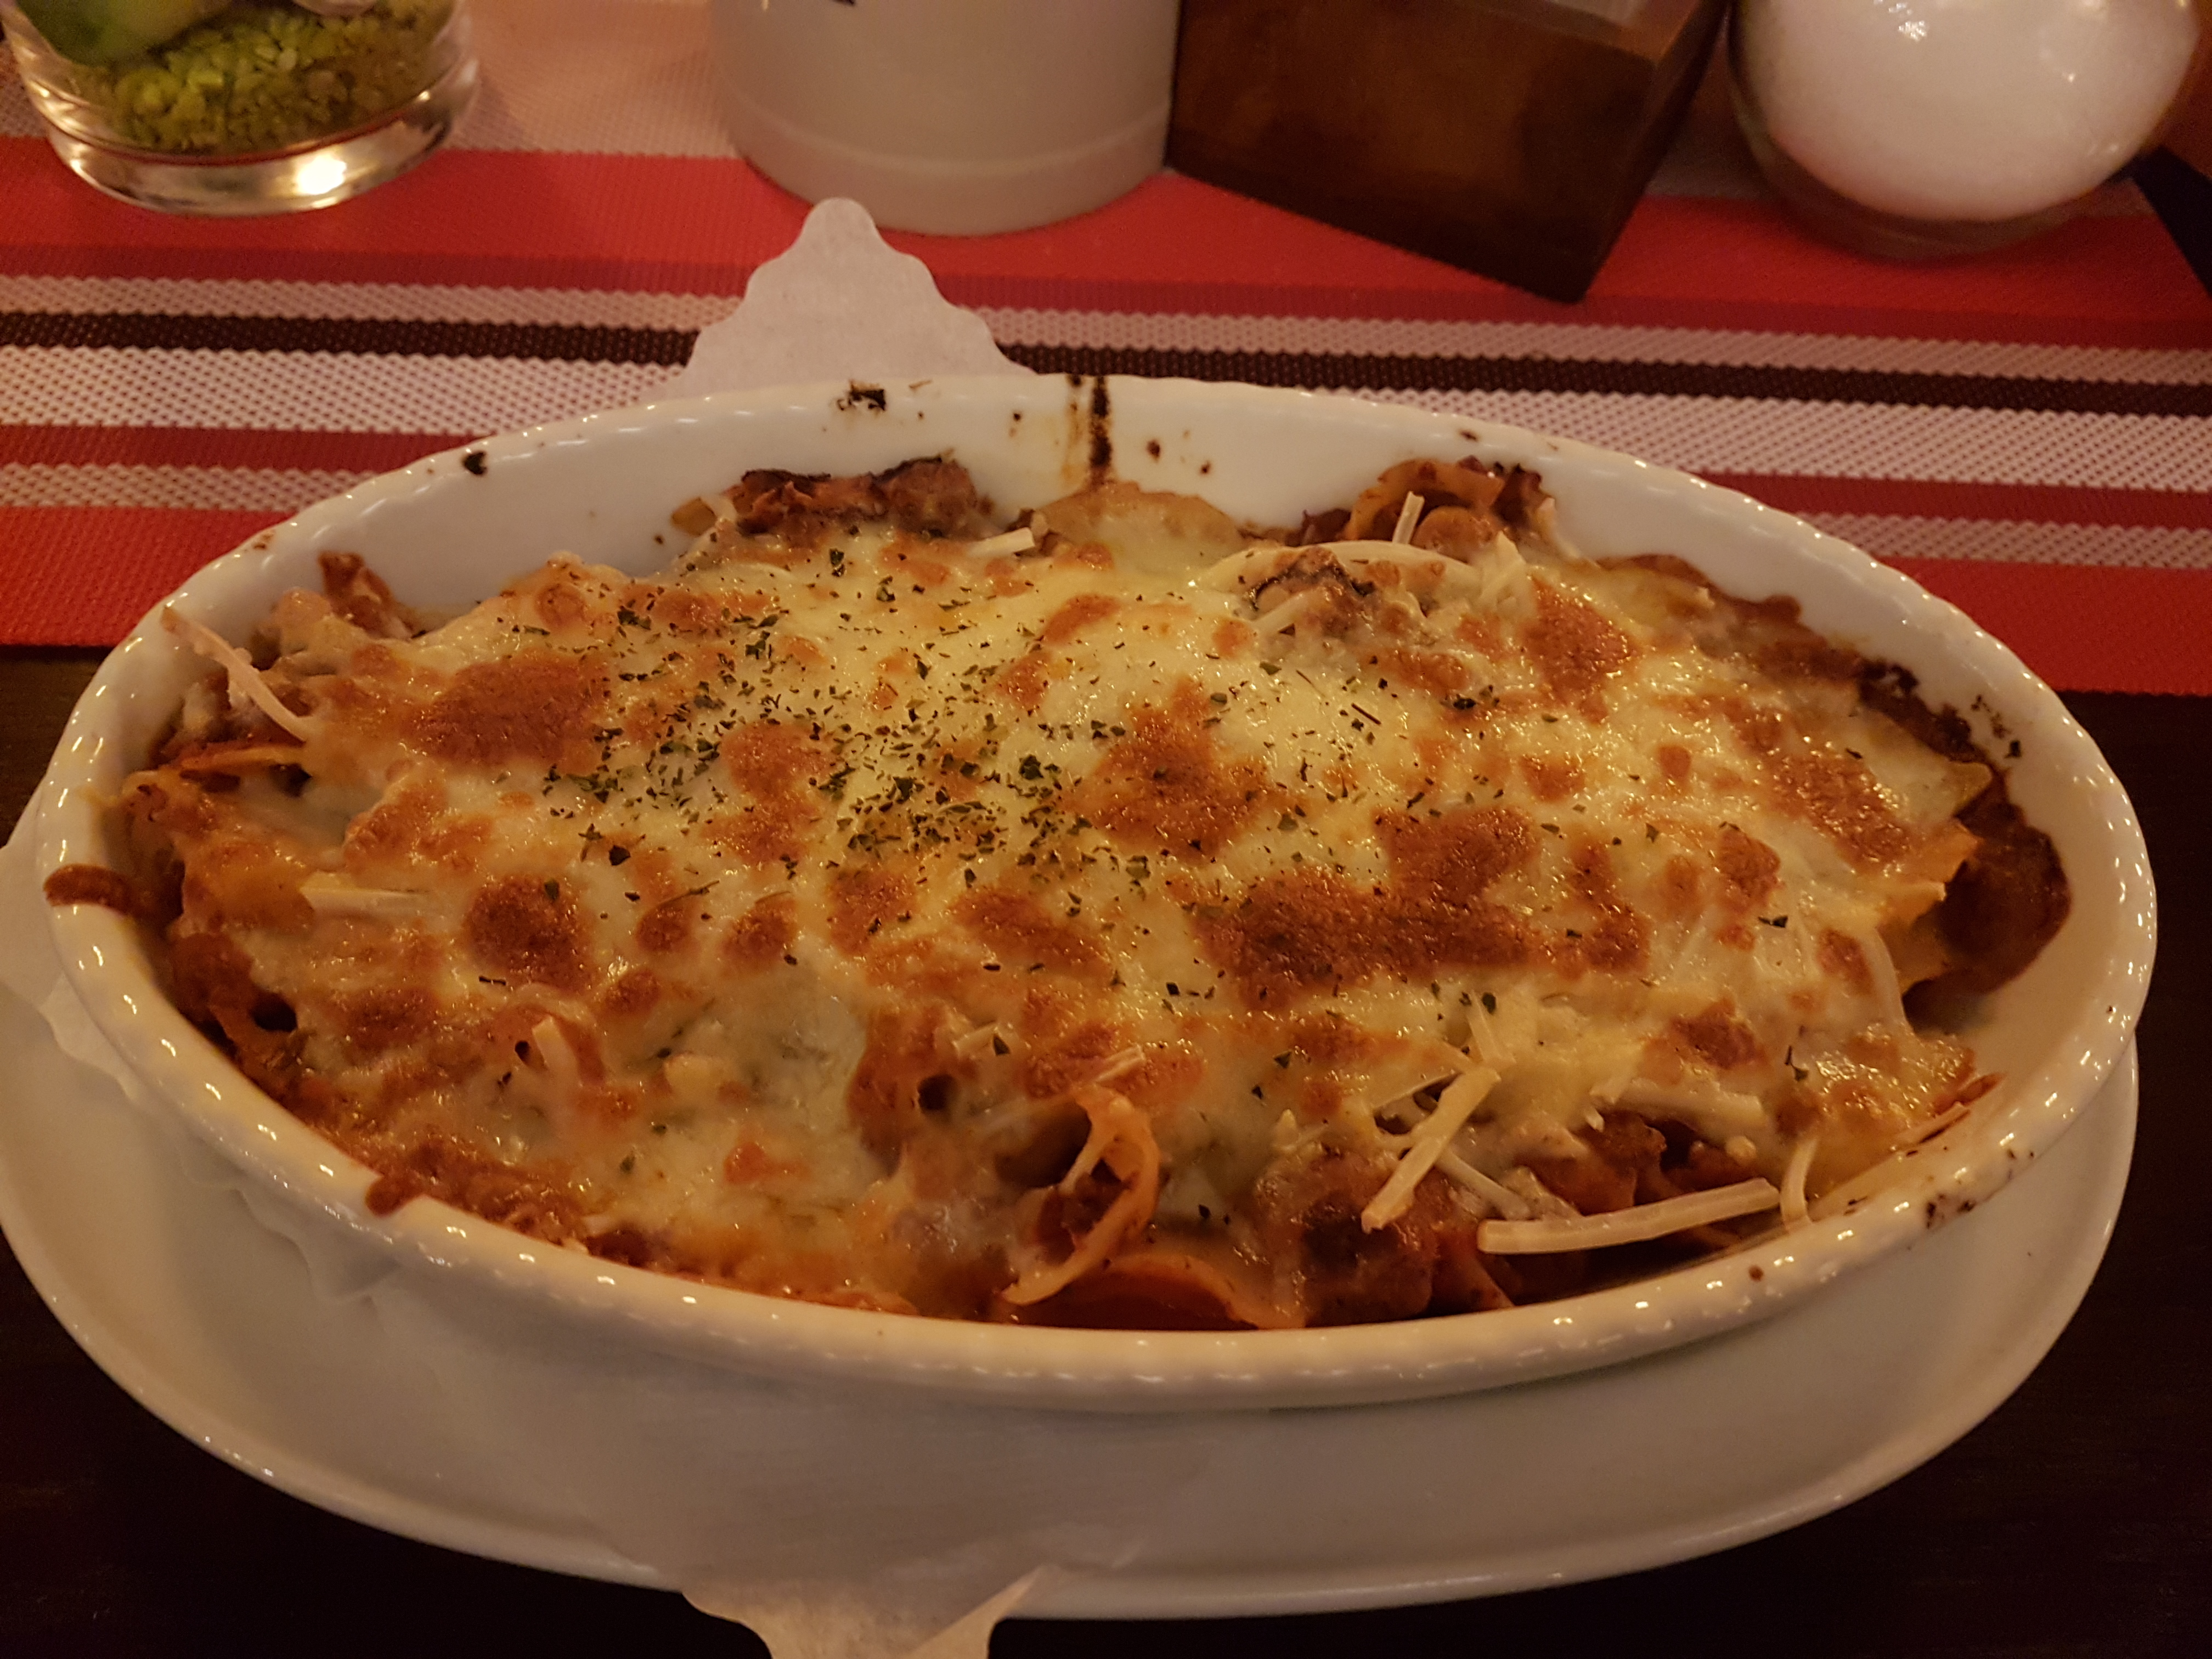 https://foodloader.net/Holz_2019-03-26_Lasagne.jpg